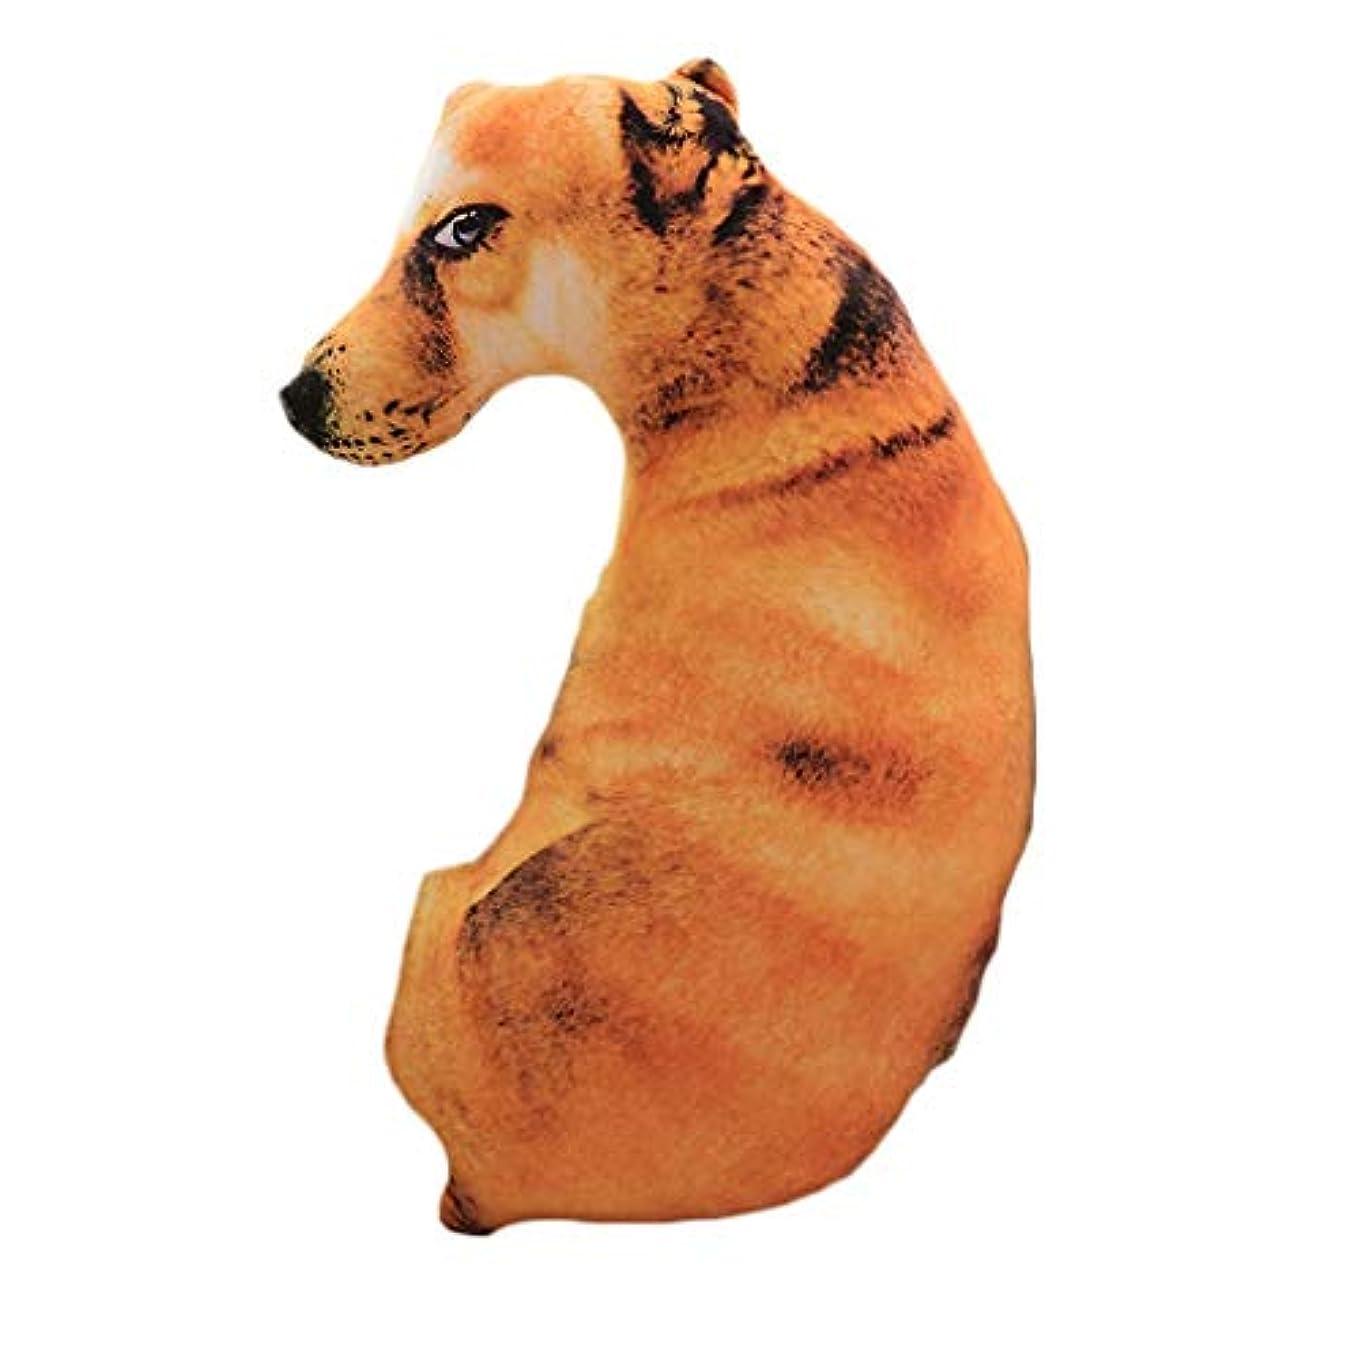 疫病買収どうやらLIFE 装飾クッションソファおかしい 3D 犬印刷スロー枕創造クッションかわいいぬいぐるみギフト家の装飾 coussin decoratif クッション 椅子